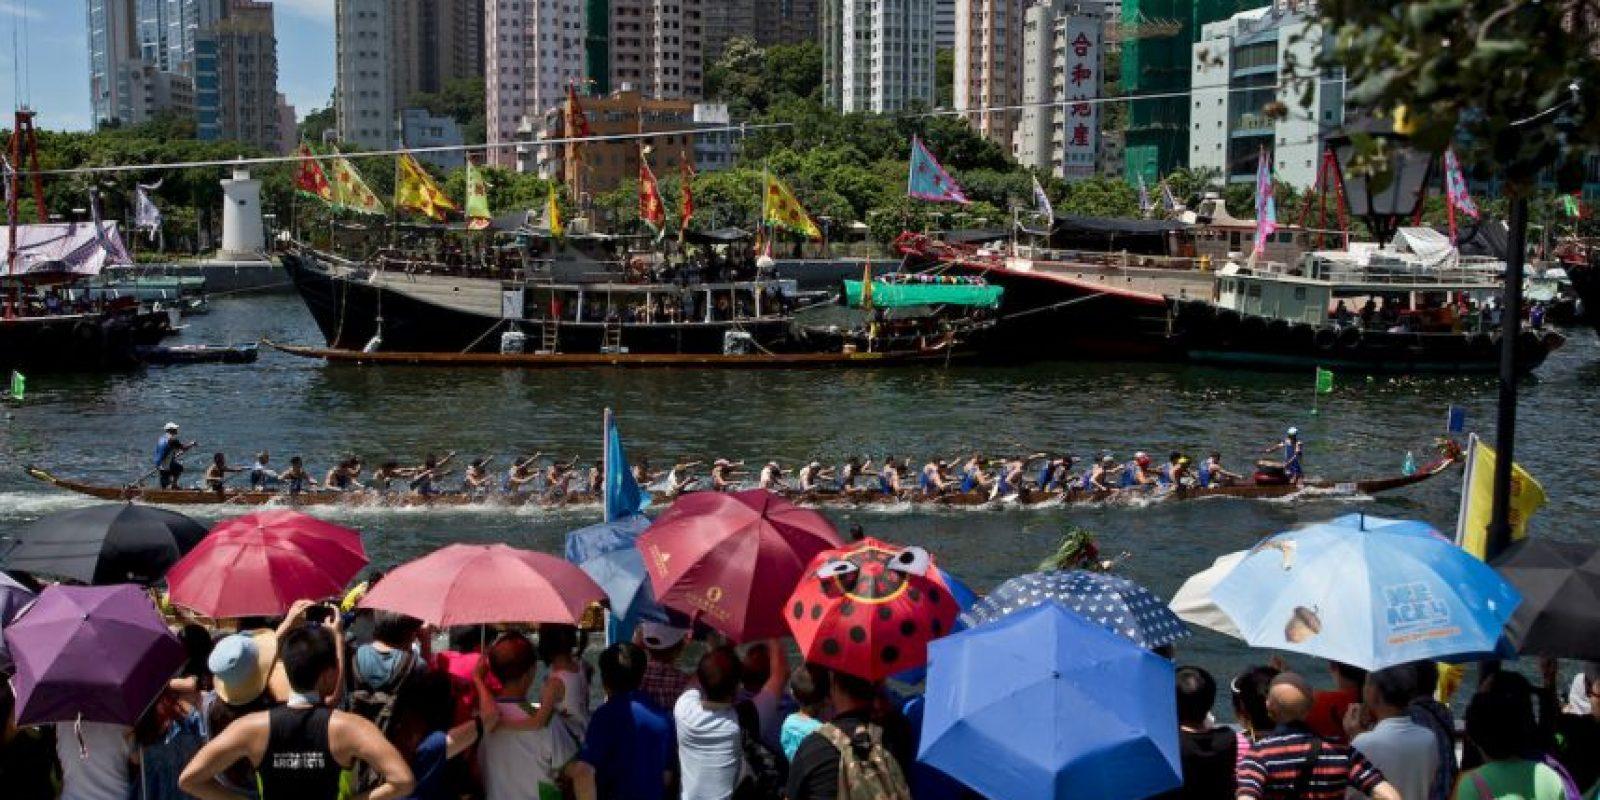 Festival Anual del Barco del Dragón en Hong Kong. Foto:AFP